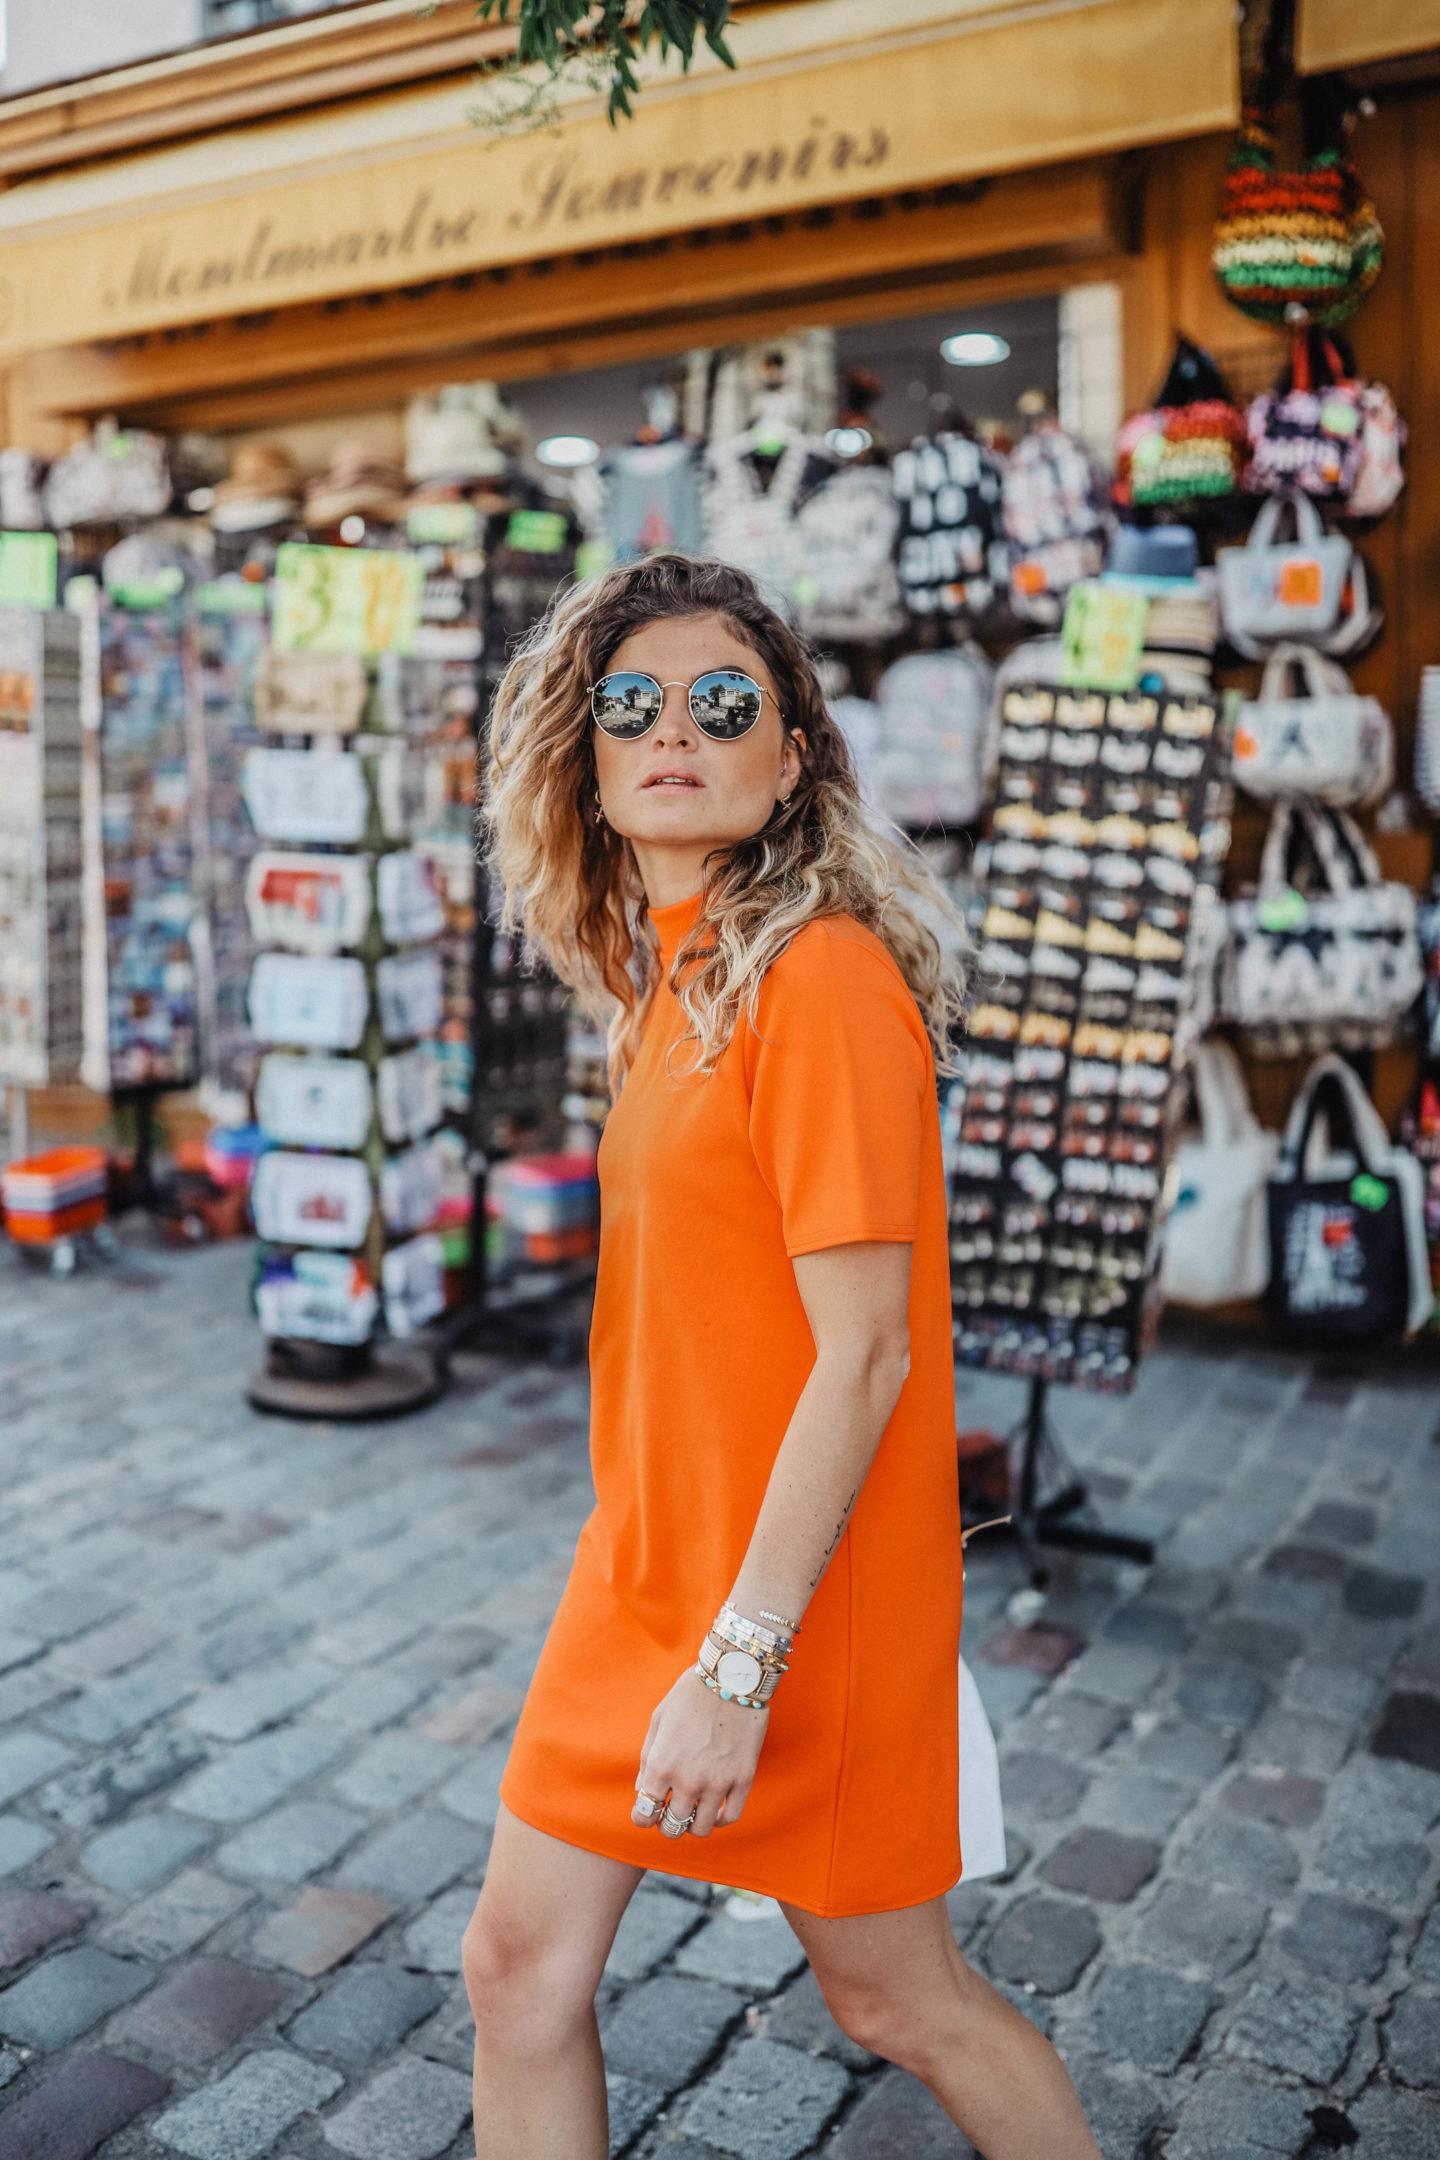 Idée de tenue pour l'été marie and mood blog mode